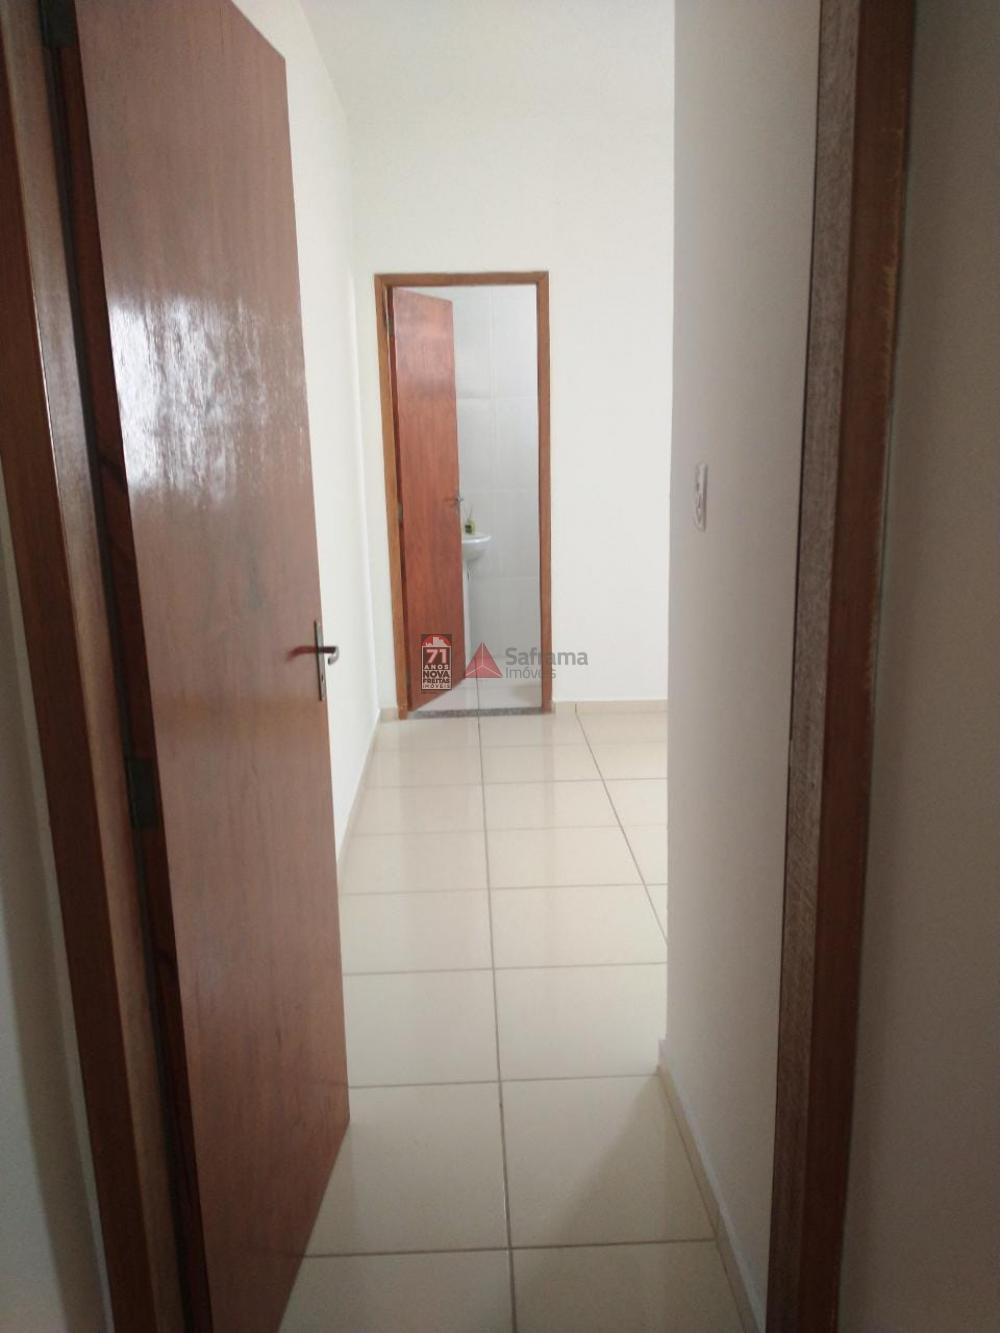 Comprar Casa / Padrão em Pindamonhangaba apenas R$ 159.000,00 - Foto 7